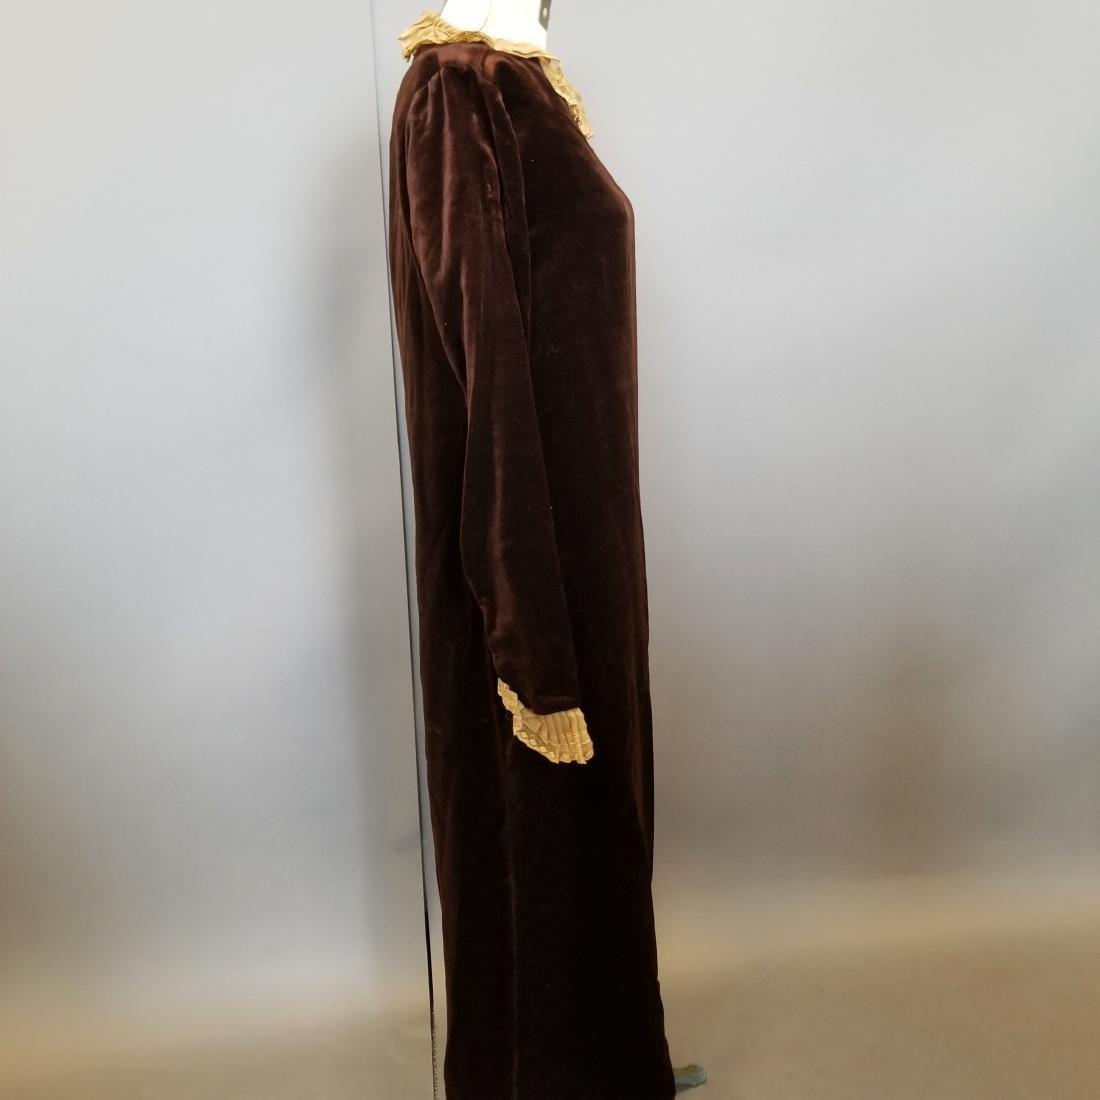 Velvet Wedding Dress - 3